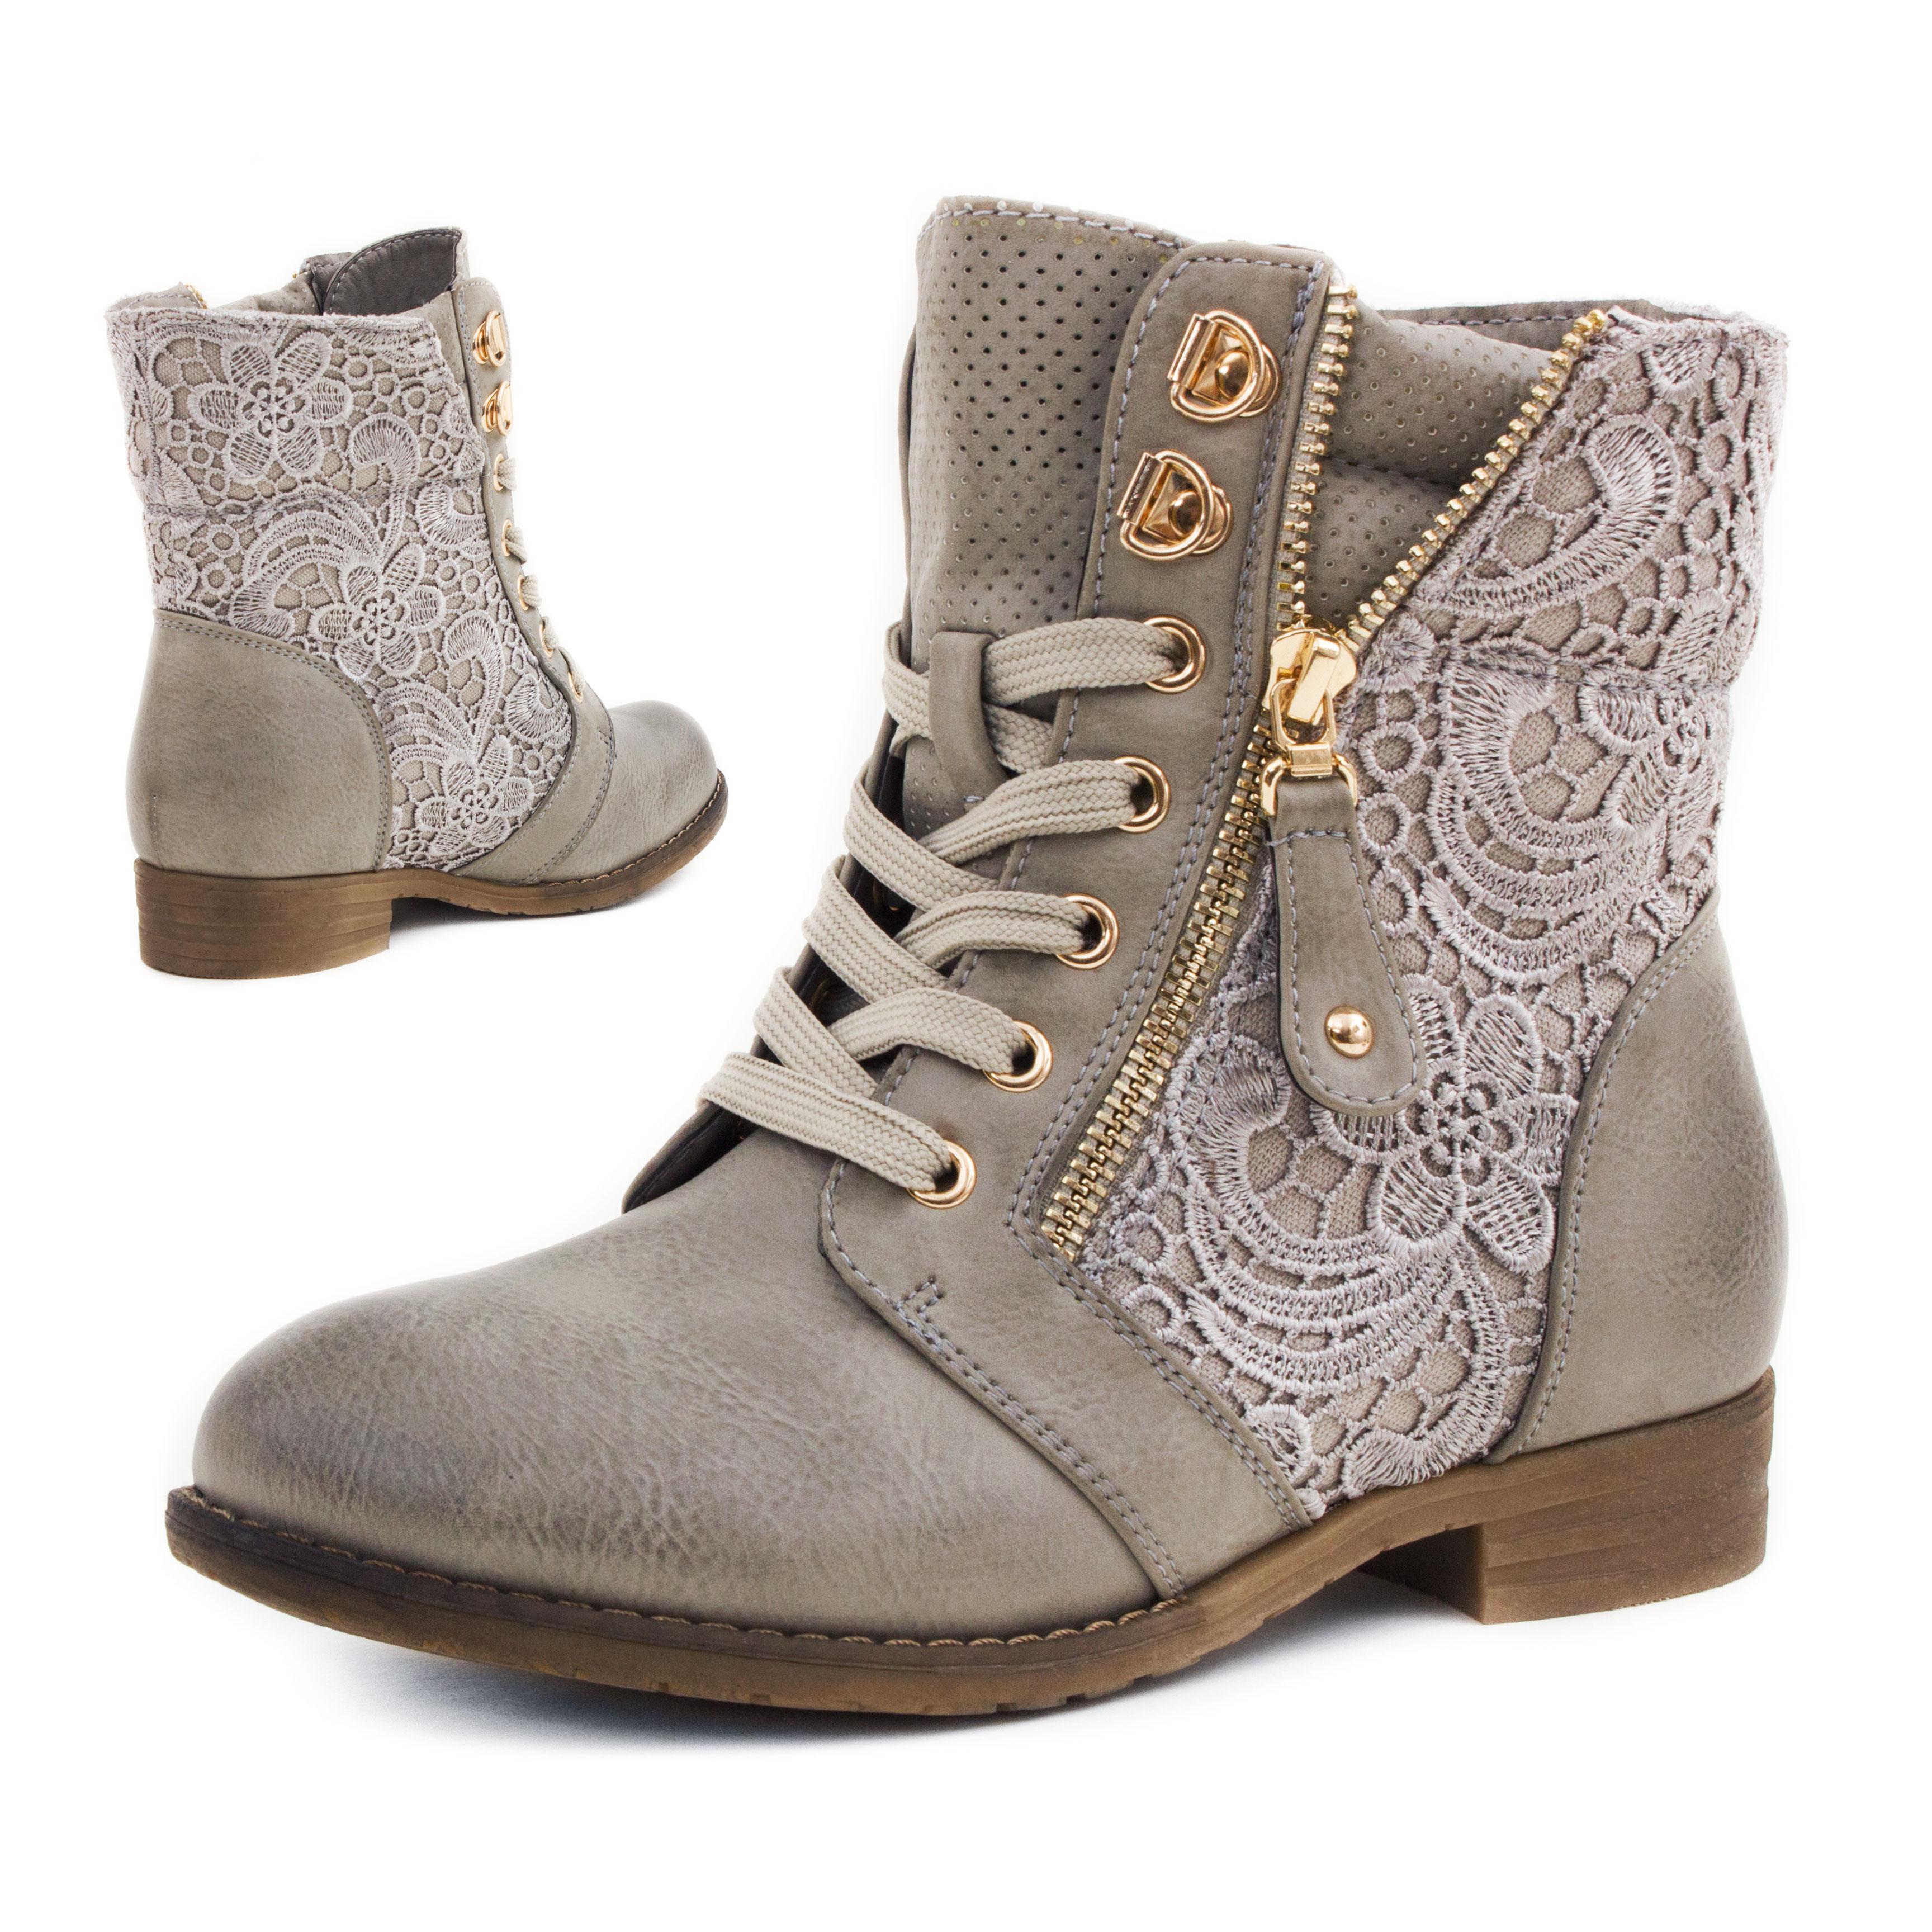 Neu-Damen-Worker-Boots-Schnuer-Stiefeletten-Ubergroessen-36-37-38-39-40-41-42-43